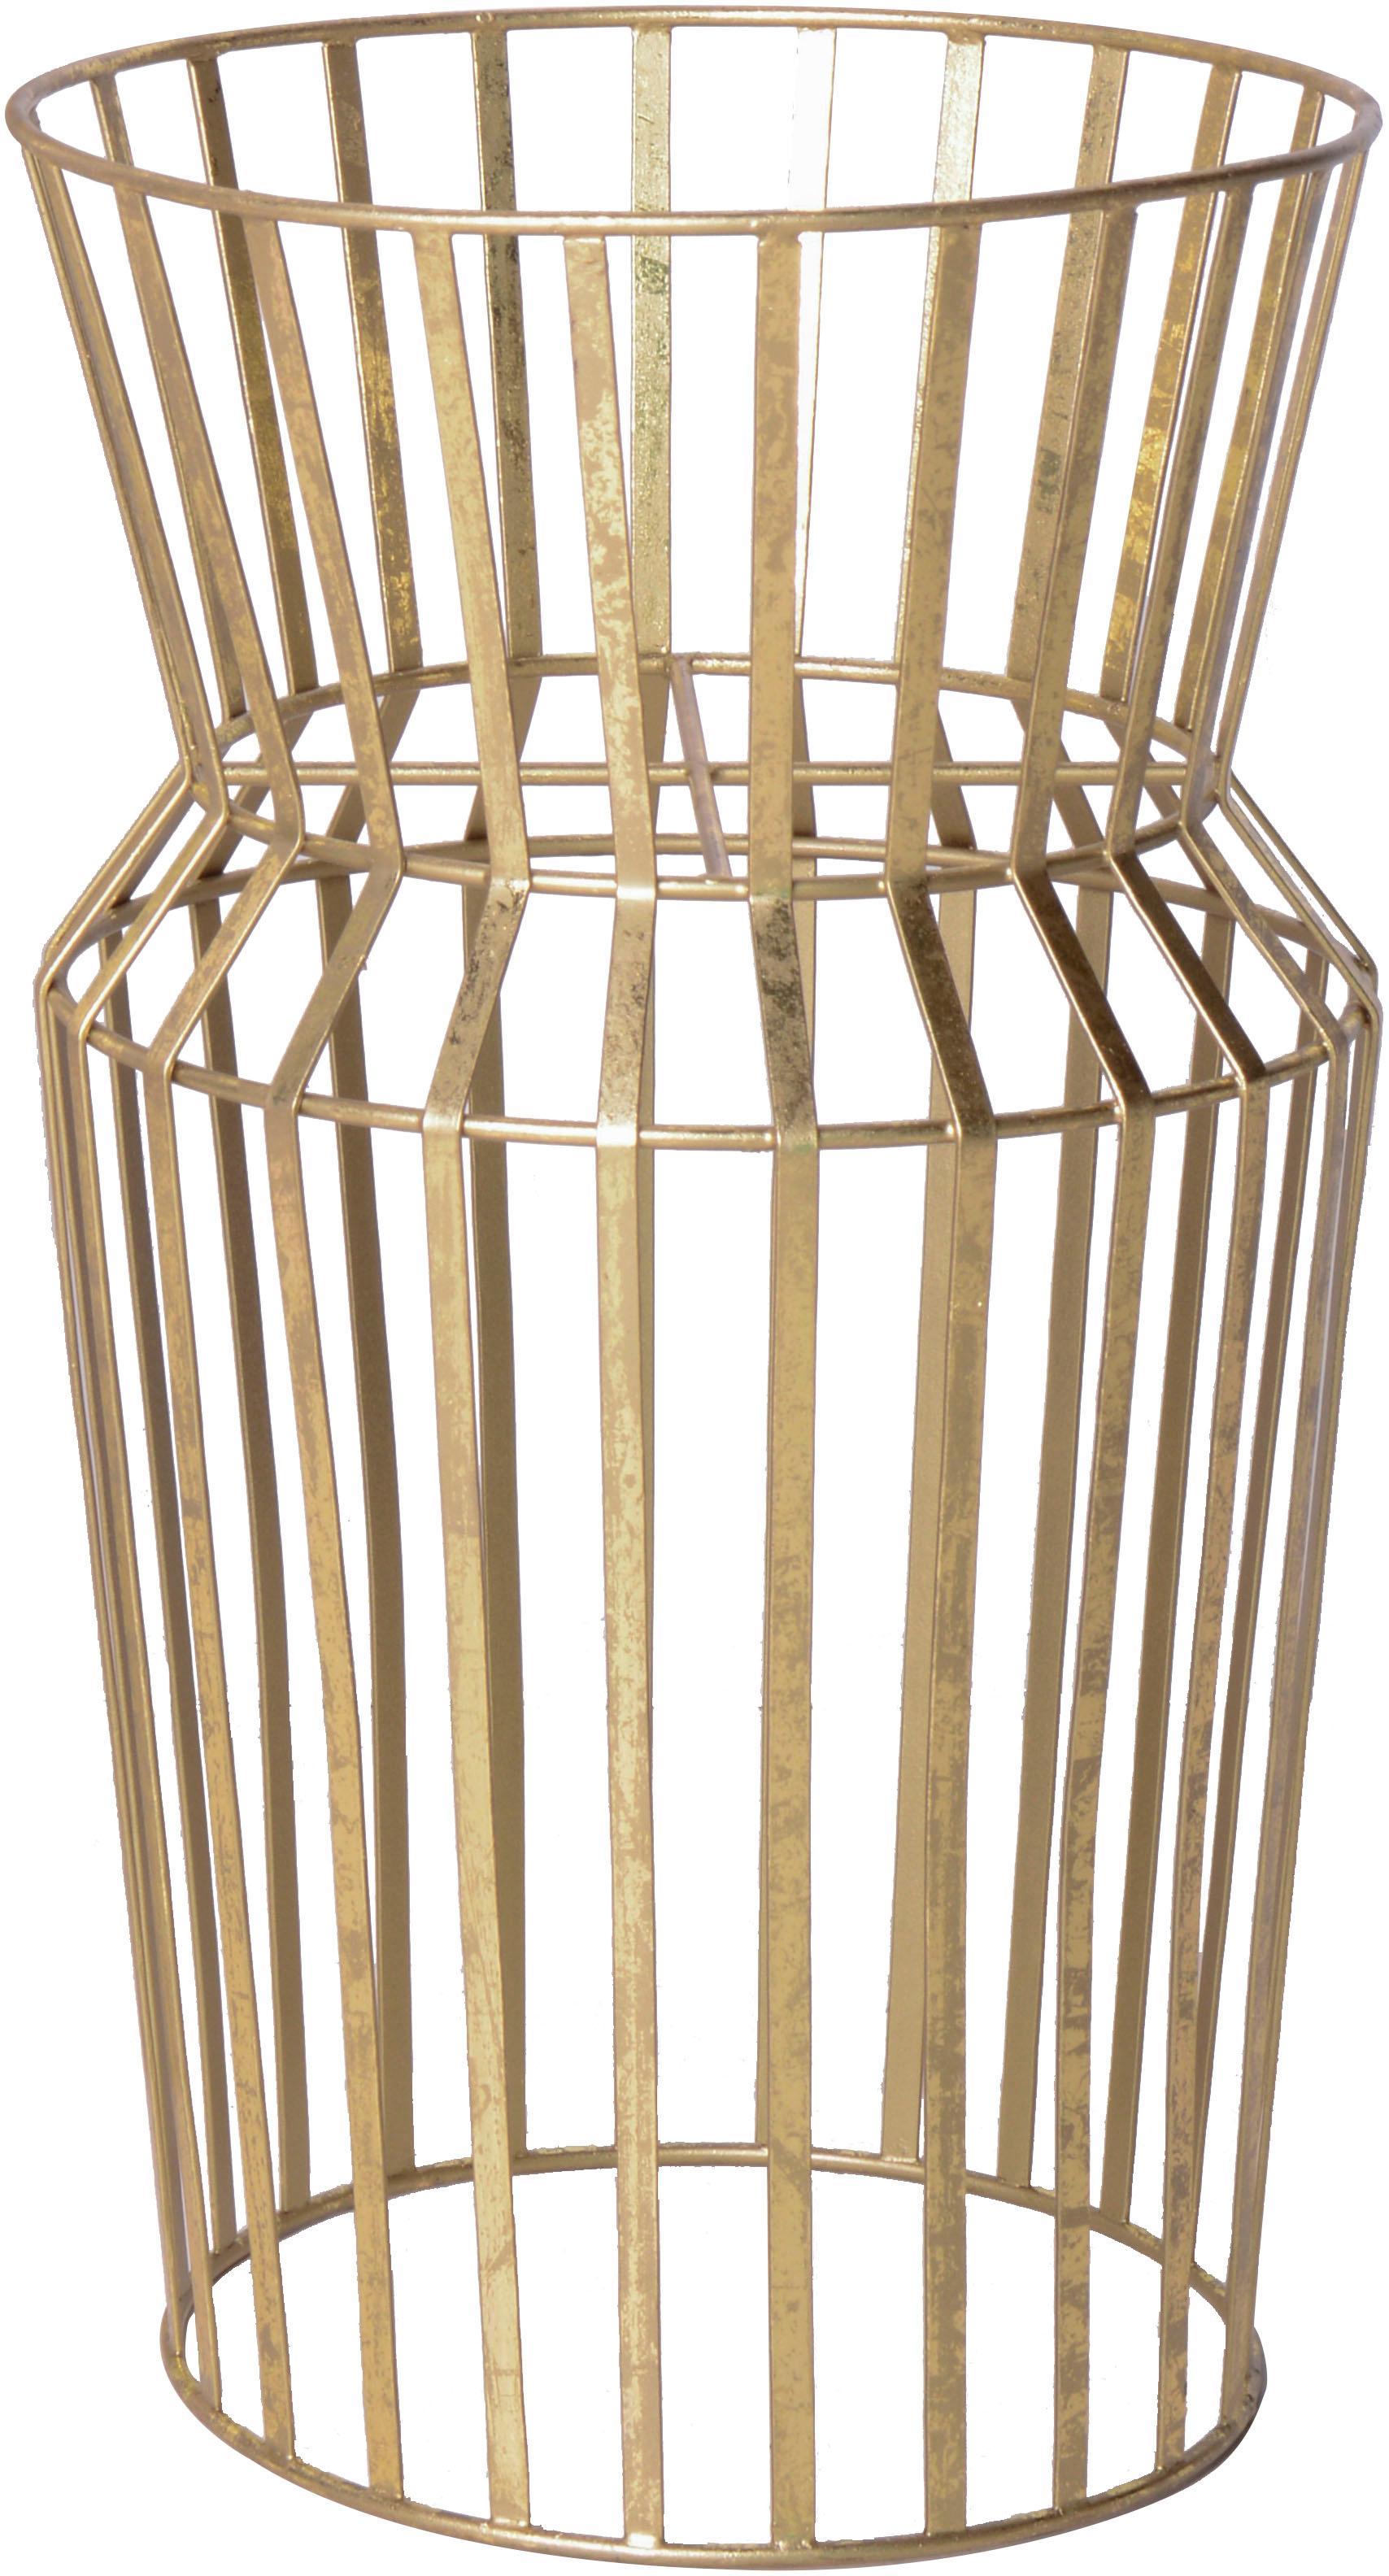 Supporto per vaso Gold, Metallo rivestito, Ottonato, Ø 28 x Alt. 50 cm